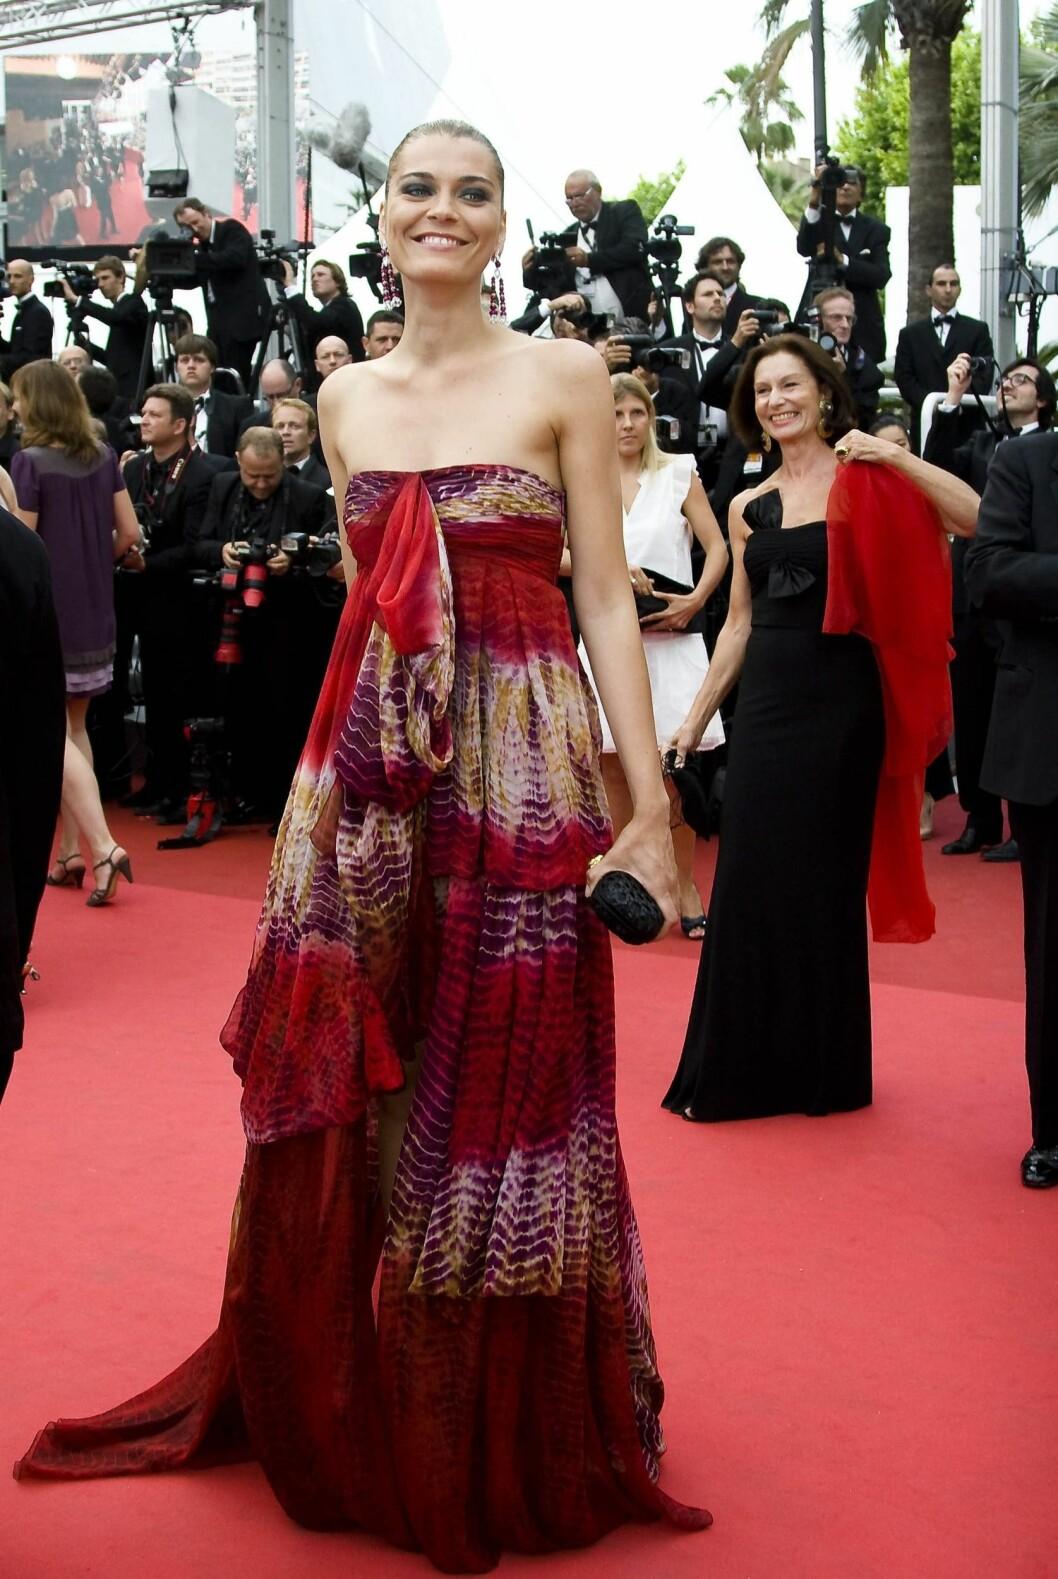 Claudia Zanella i stroppeløs batikkjole. Foto: All Over Press